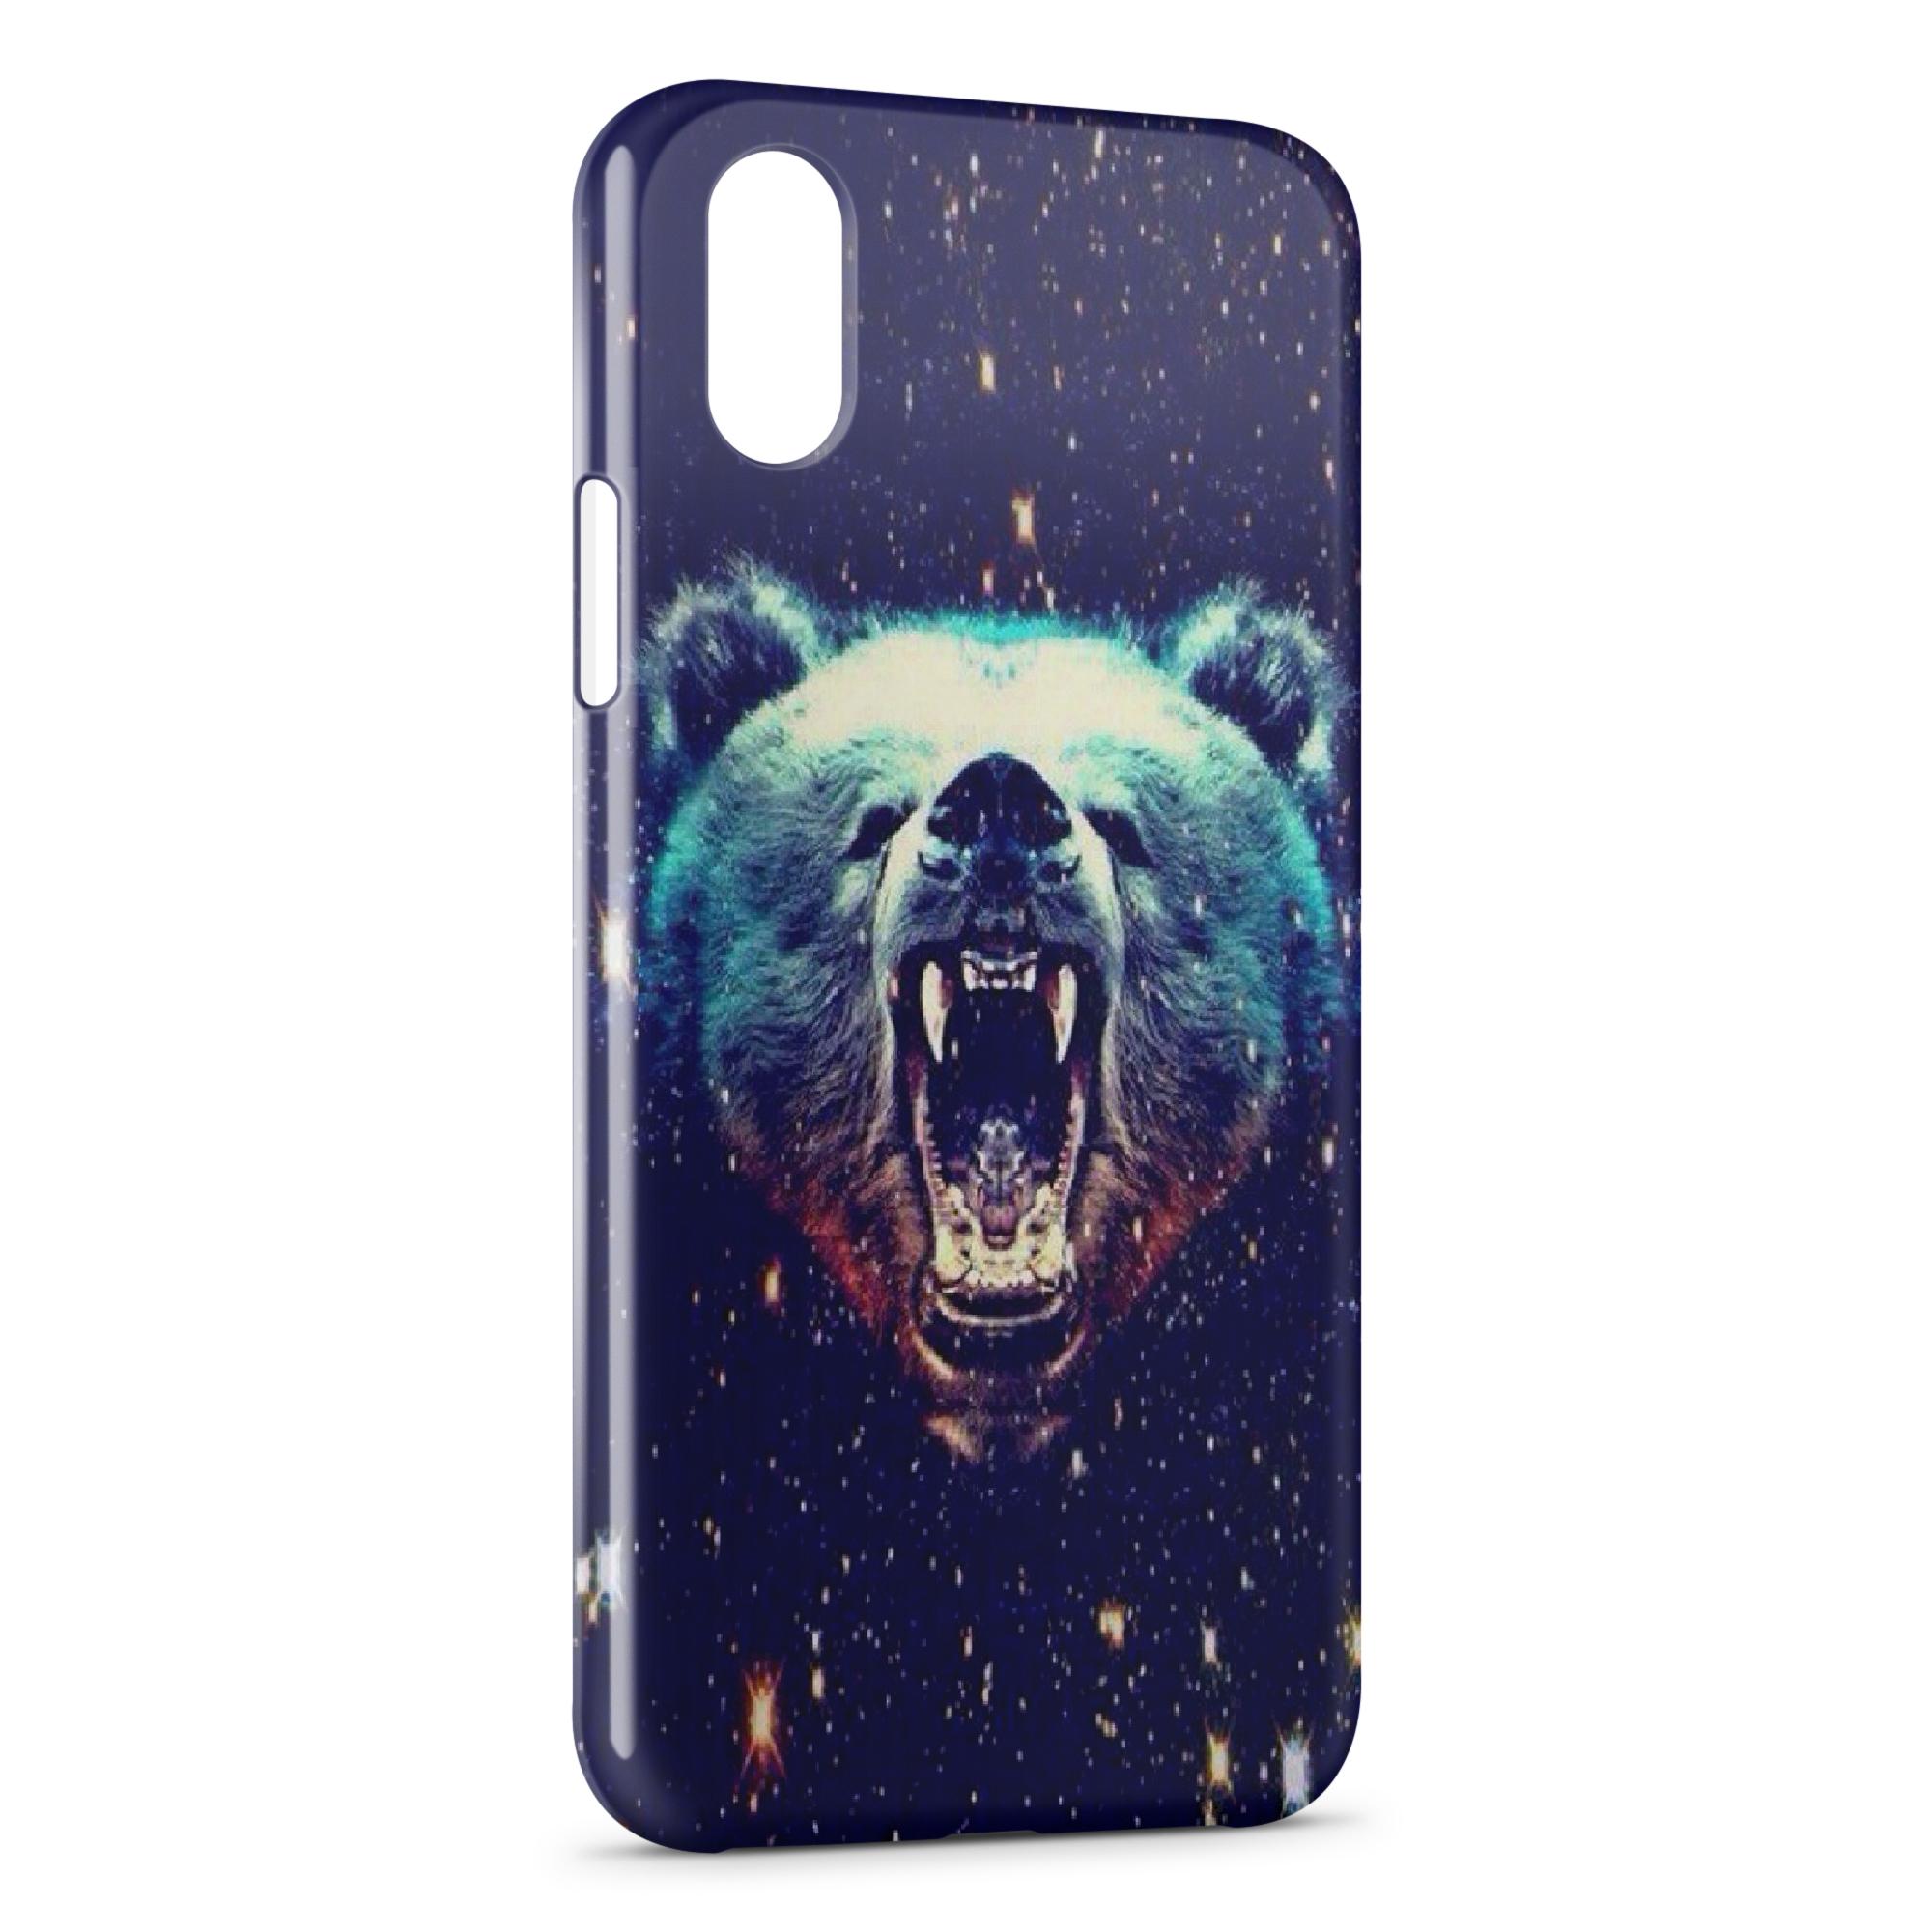 coque iphone xr bear